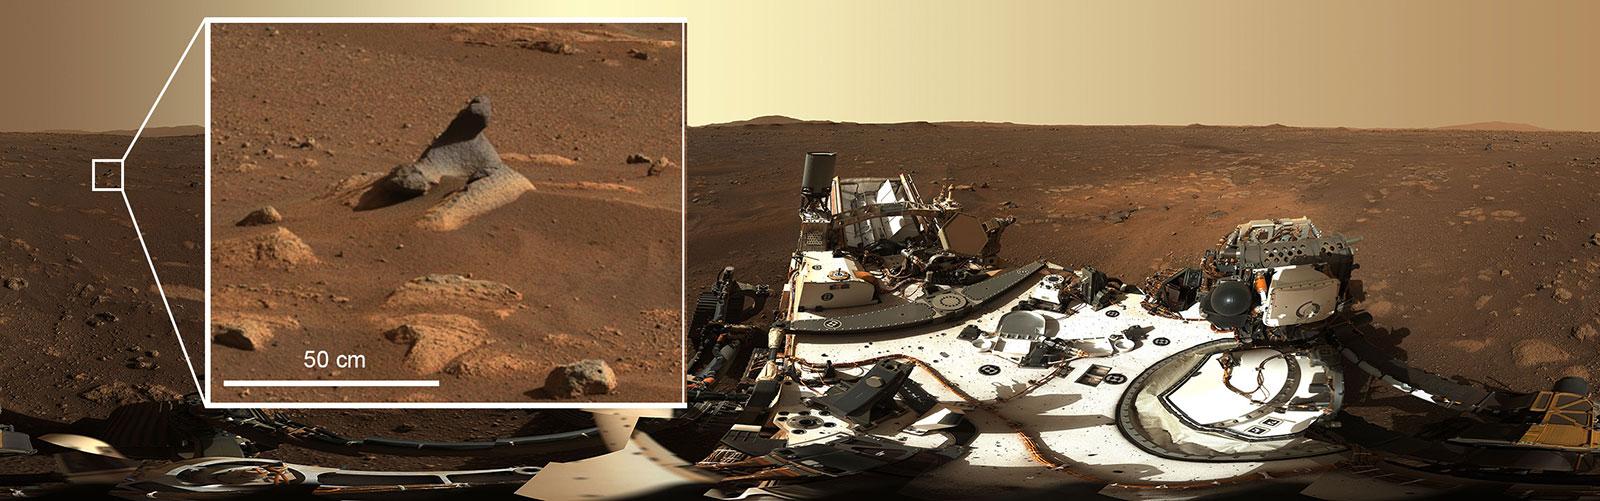 Cette roche sculptée par le vent, vue dans le premier panorama à 360 degrés pris par l'instrument Mastcam-Z sur le rover Perseverance Mars de la NASA, montre à quel point le système de caméra capture les détails.